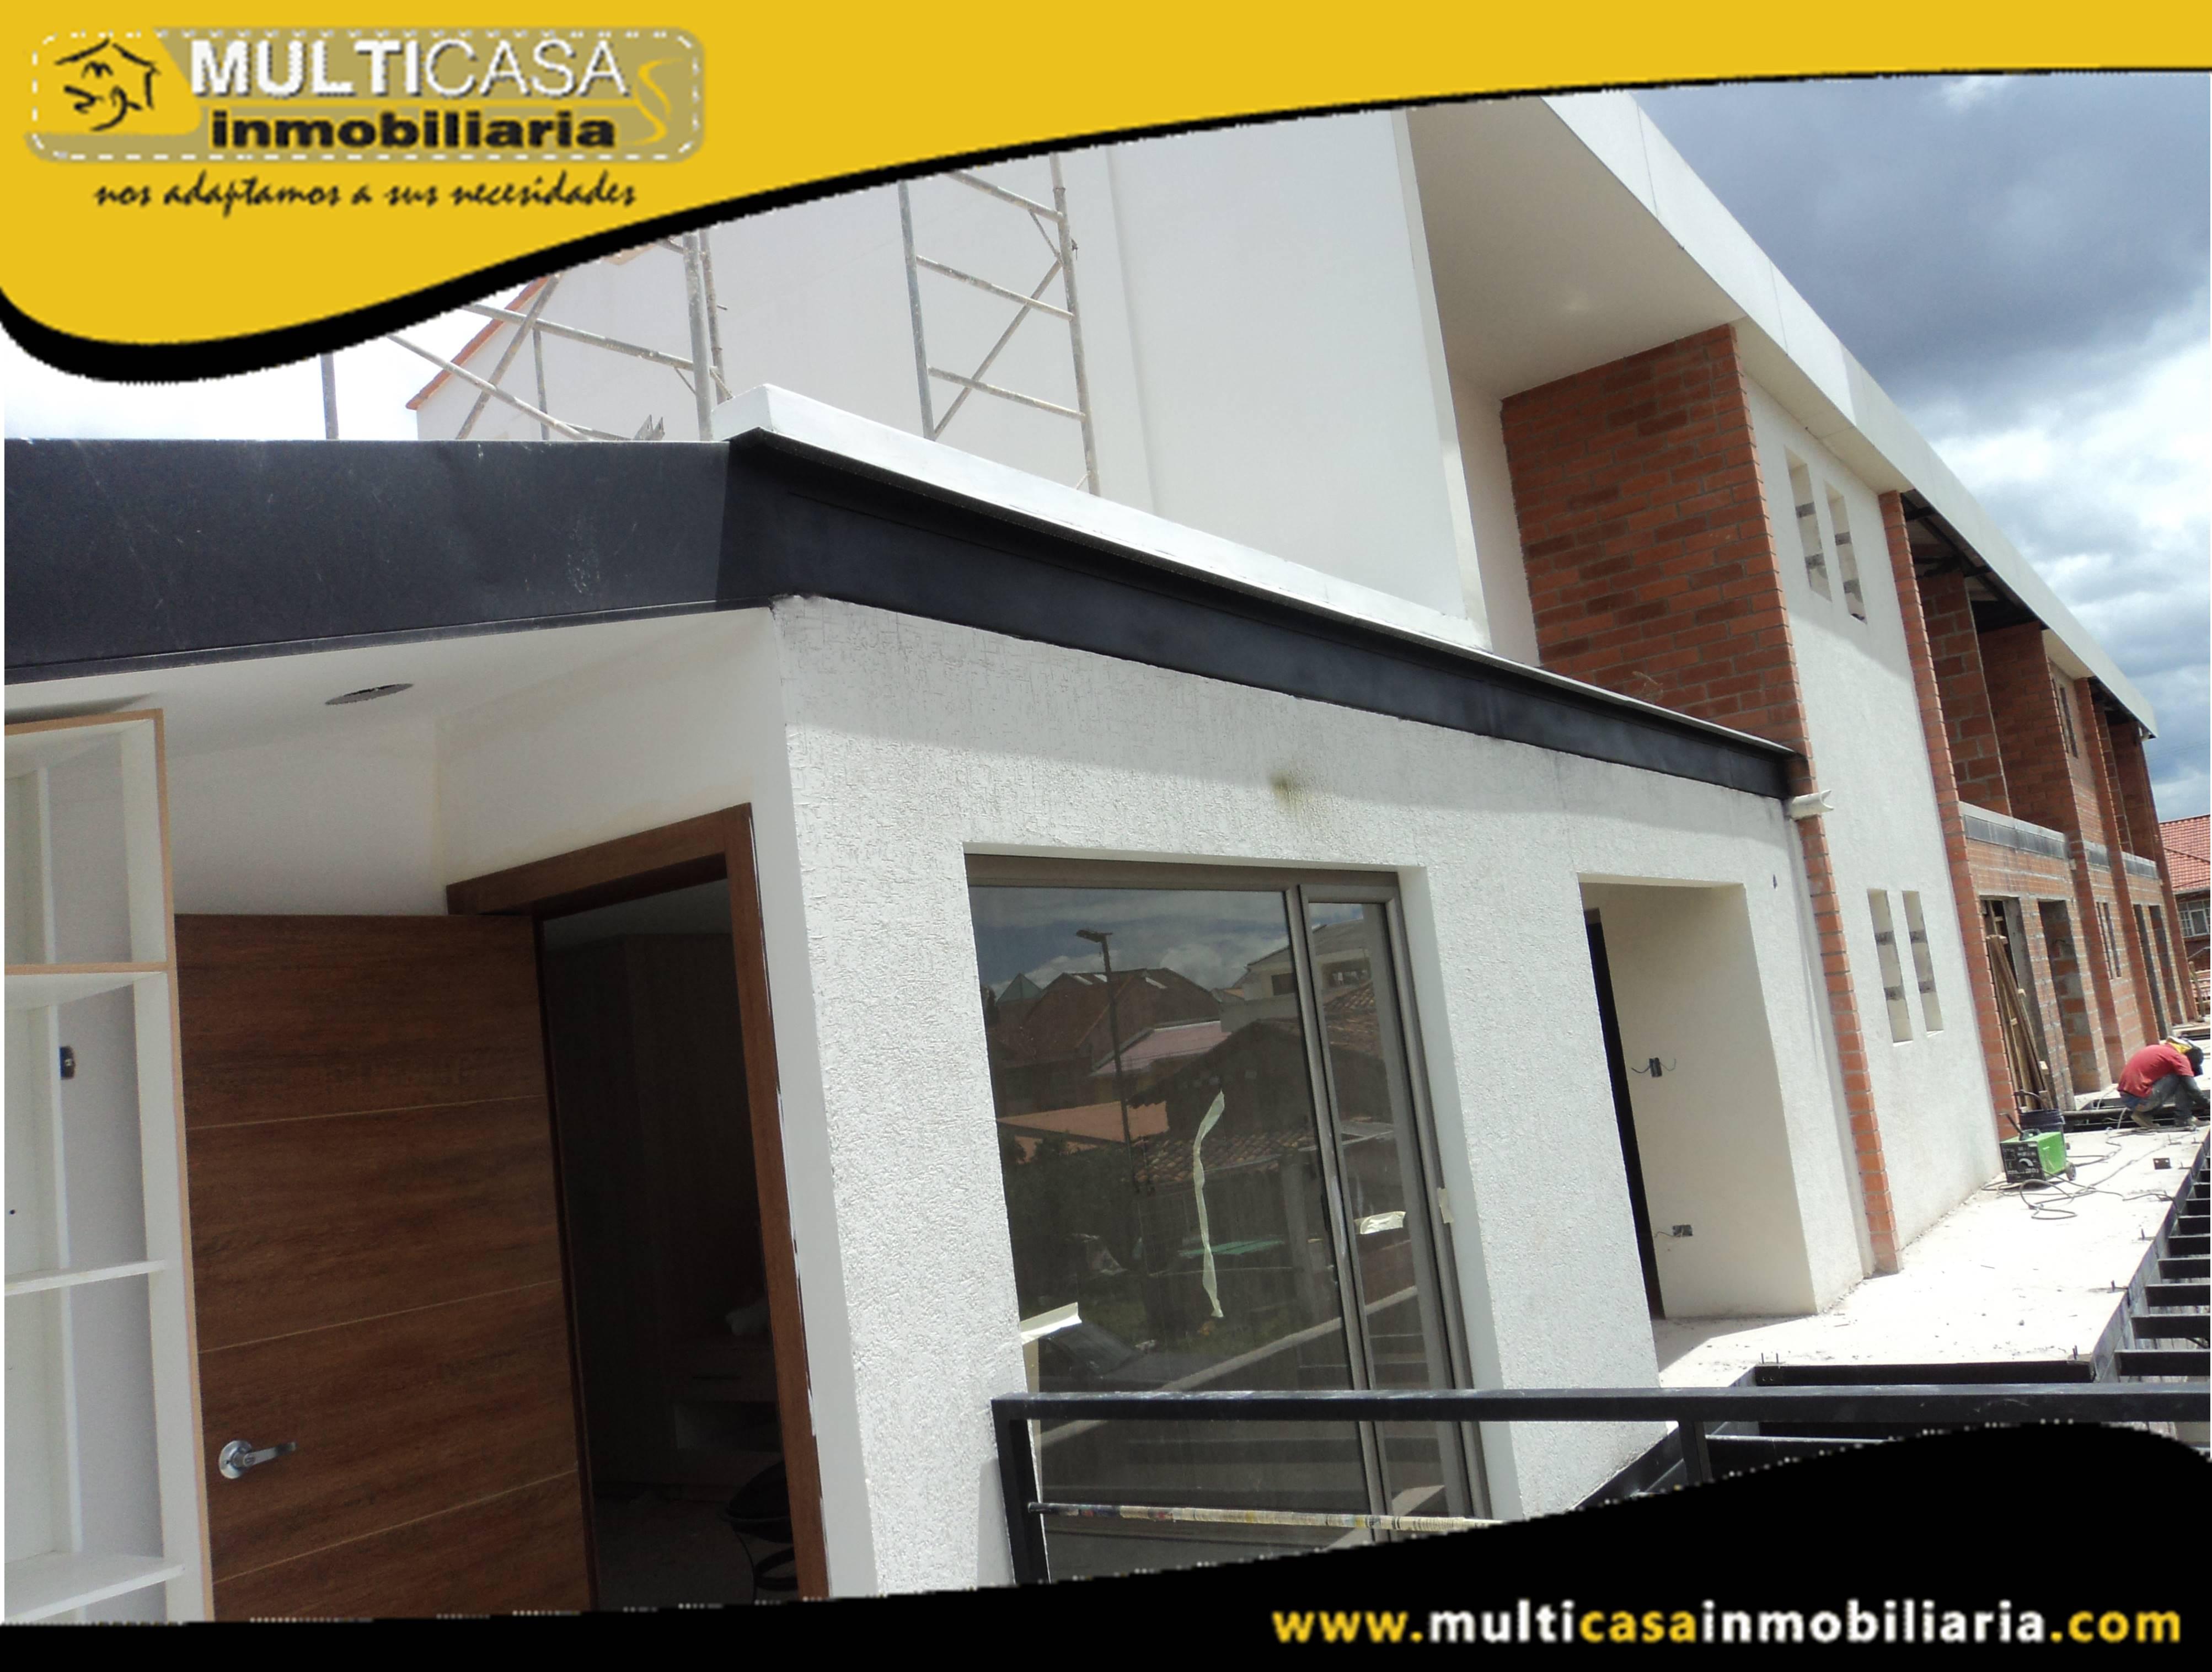 Venta de Hermosa Suite a Crédito por estrenar en Condominio Sector Don Bosco Cuenca-Ecuador